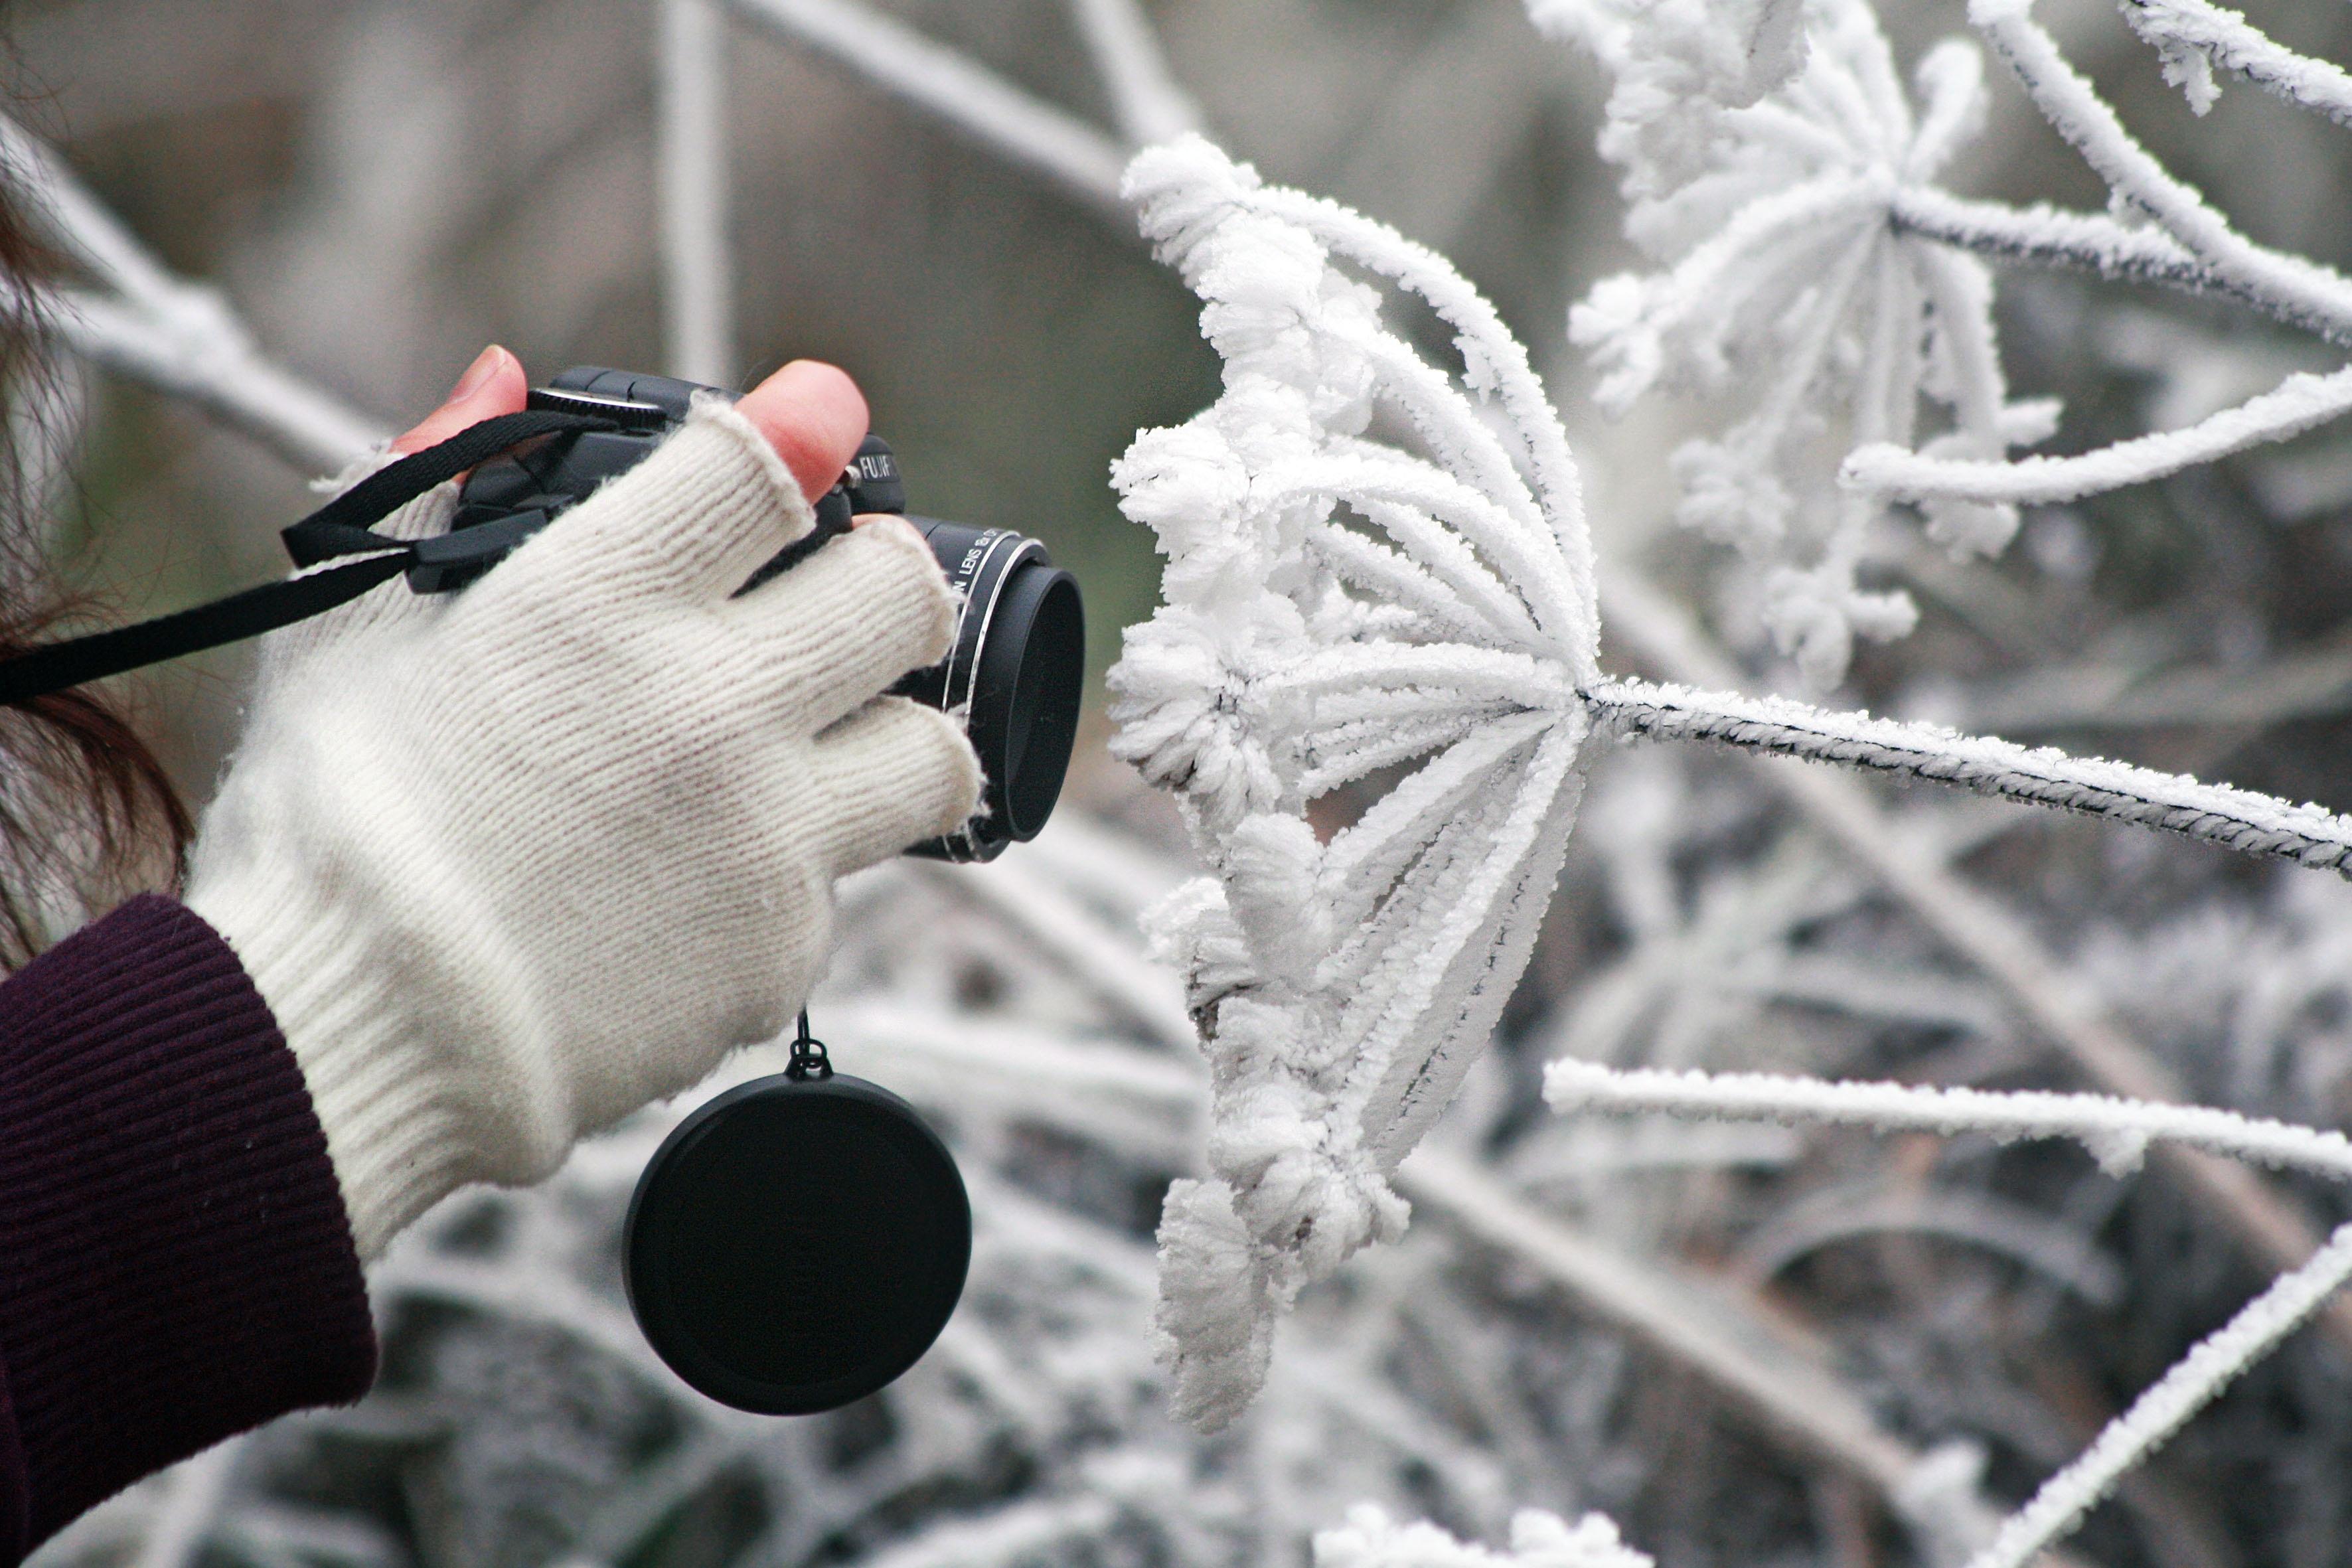 что японская использование фотоаппарата на морозе пришла